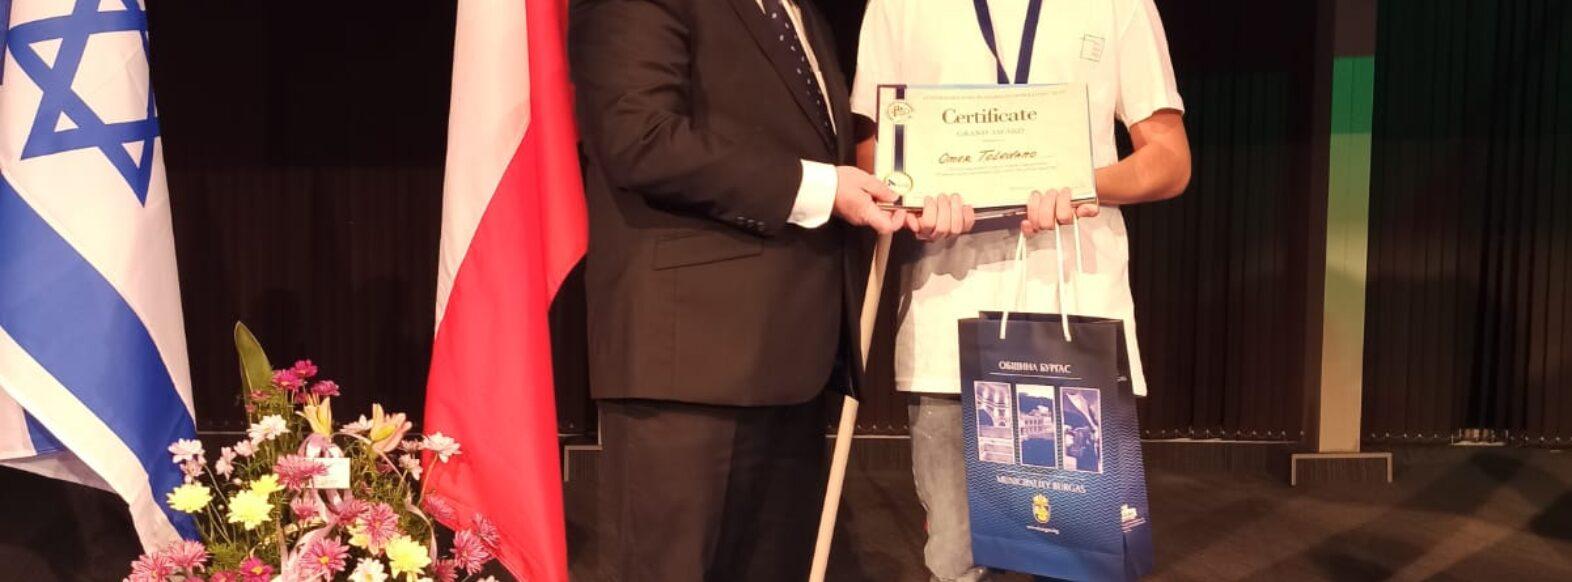 עומר טולדנו מקריית ביאליק זכה במקום הראשון בתחרות כתיבה בינלאומית